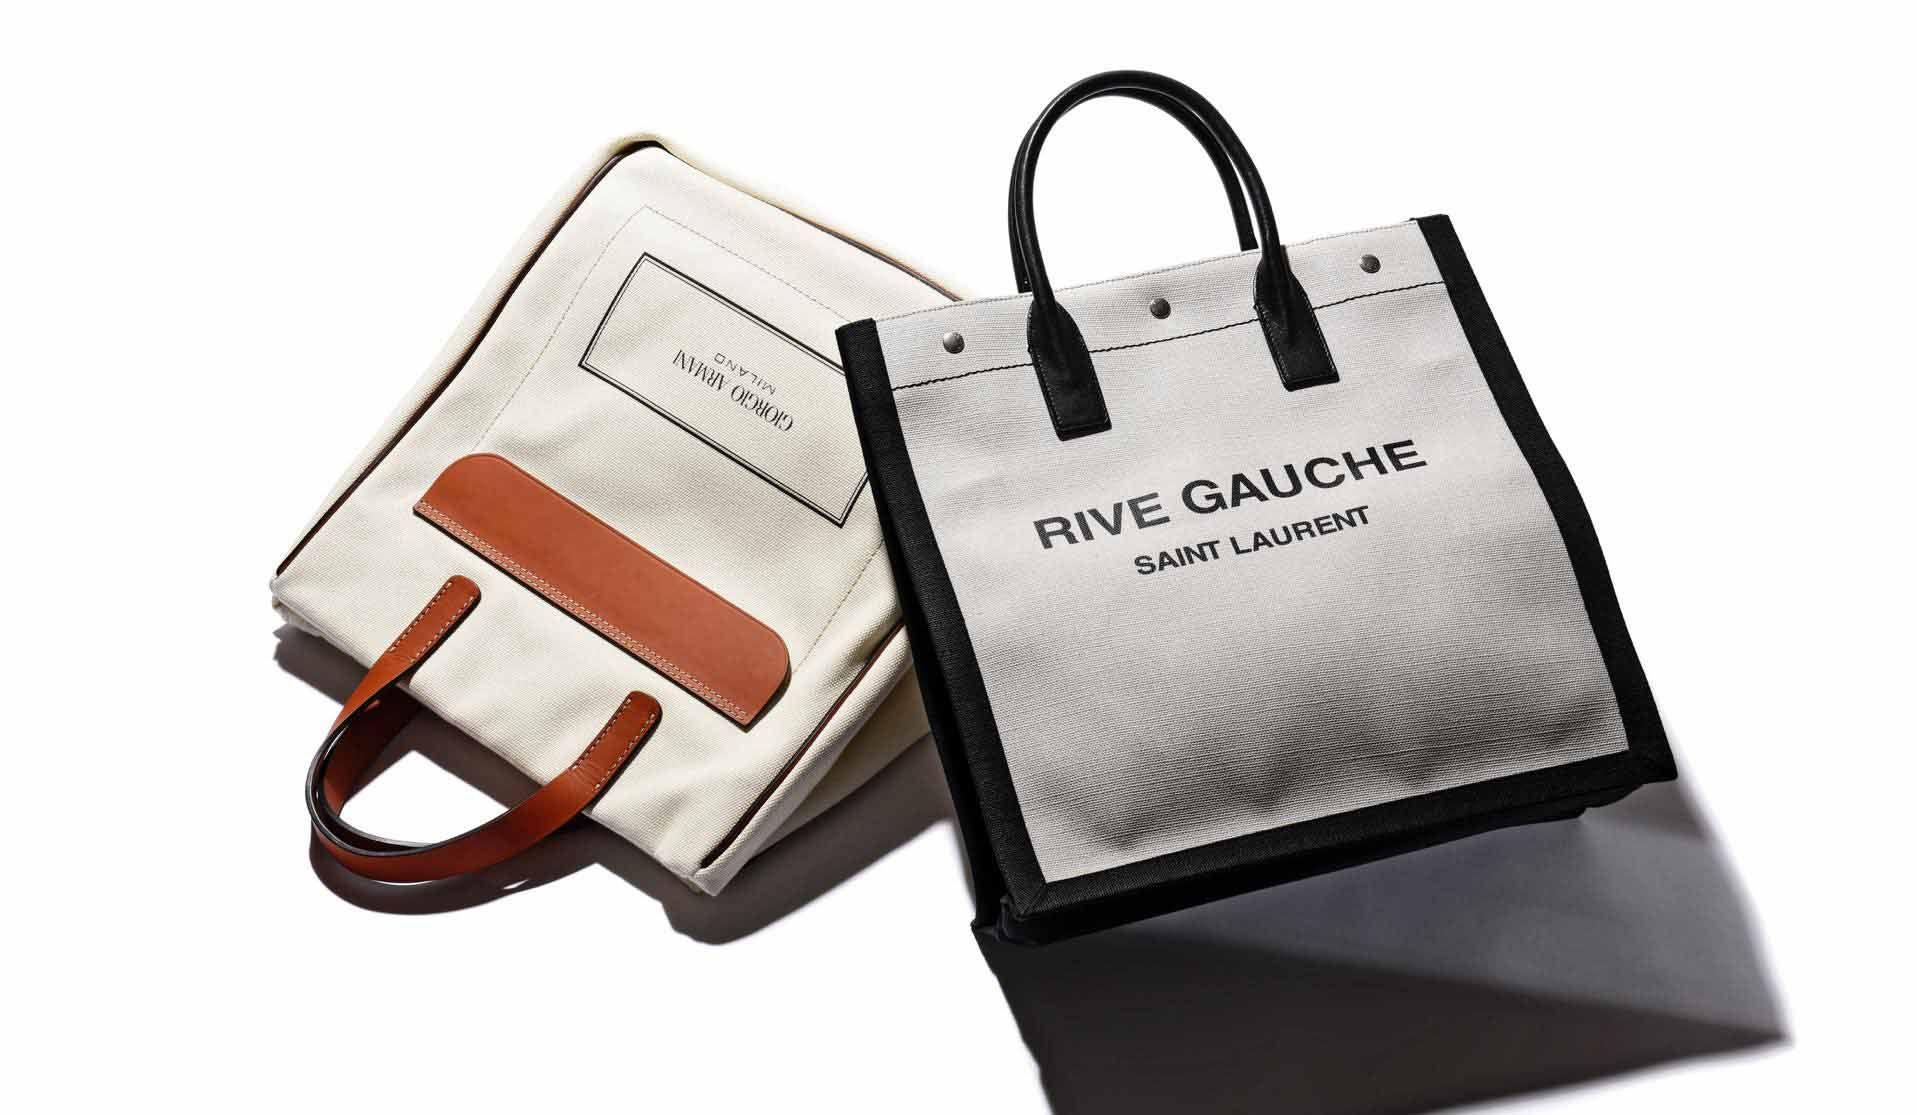 ジョルジオ アルマーニとサンローランのキャンバスバッグ